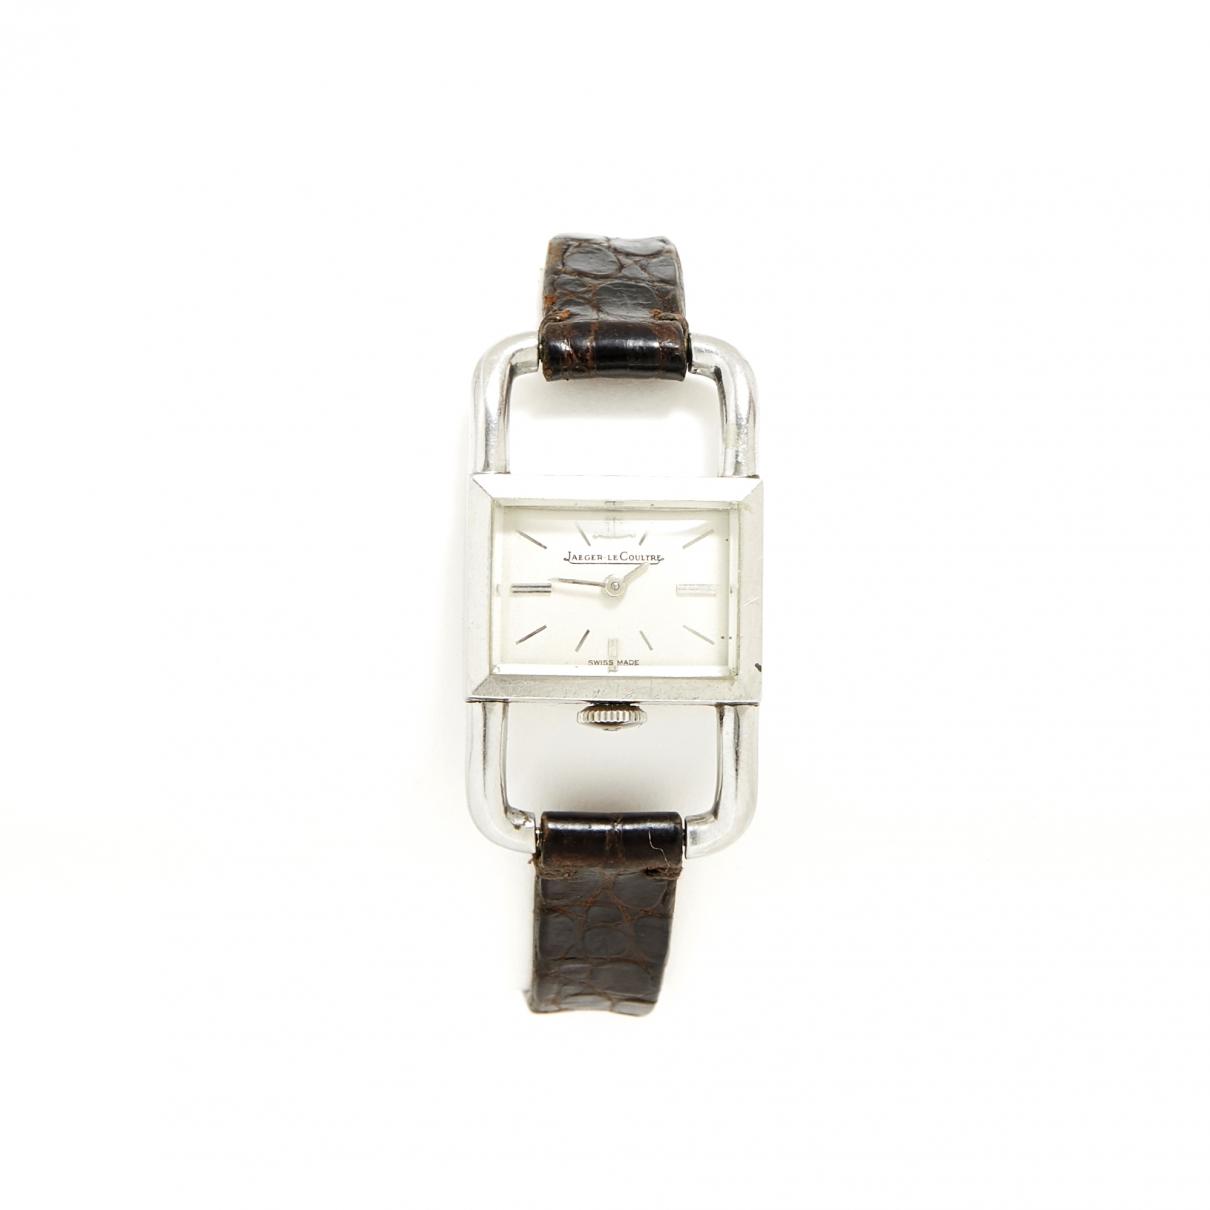 Jaeger-lecoultre Etrier Uhr in  Silber Stahl